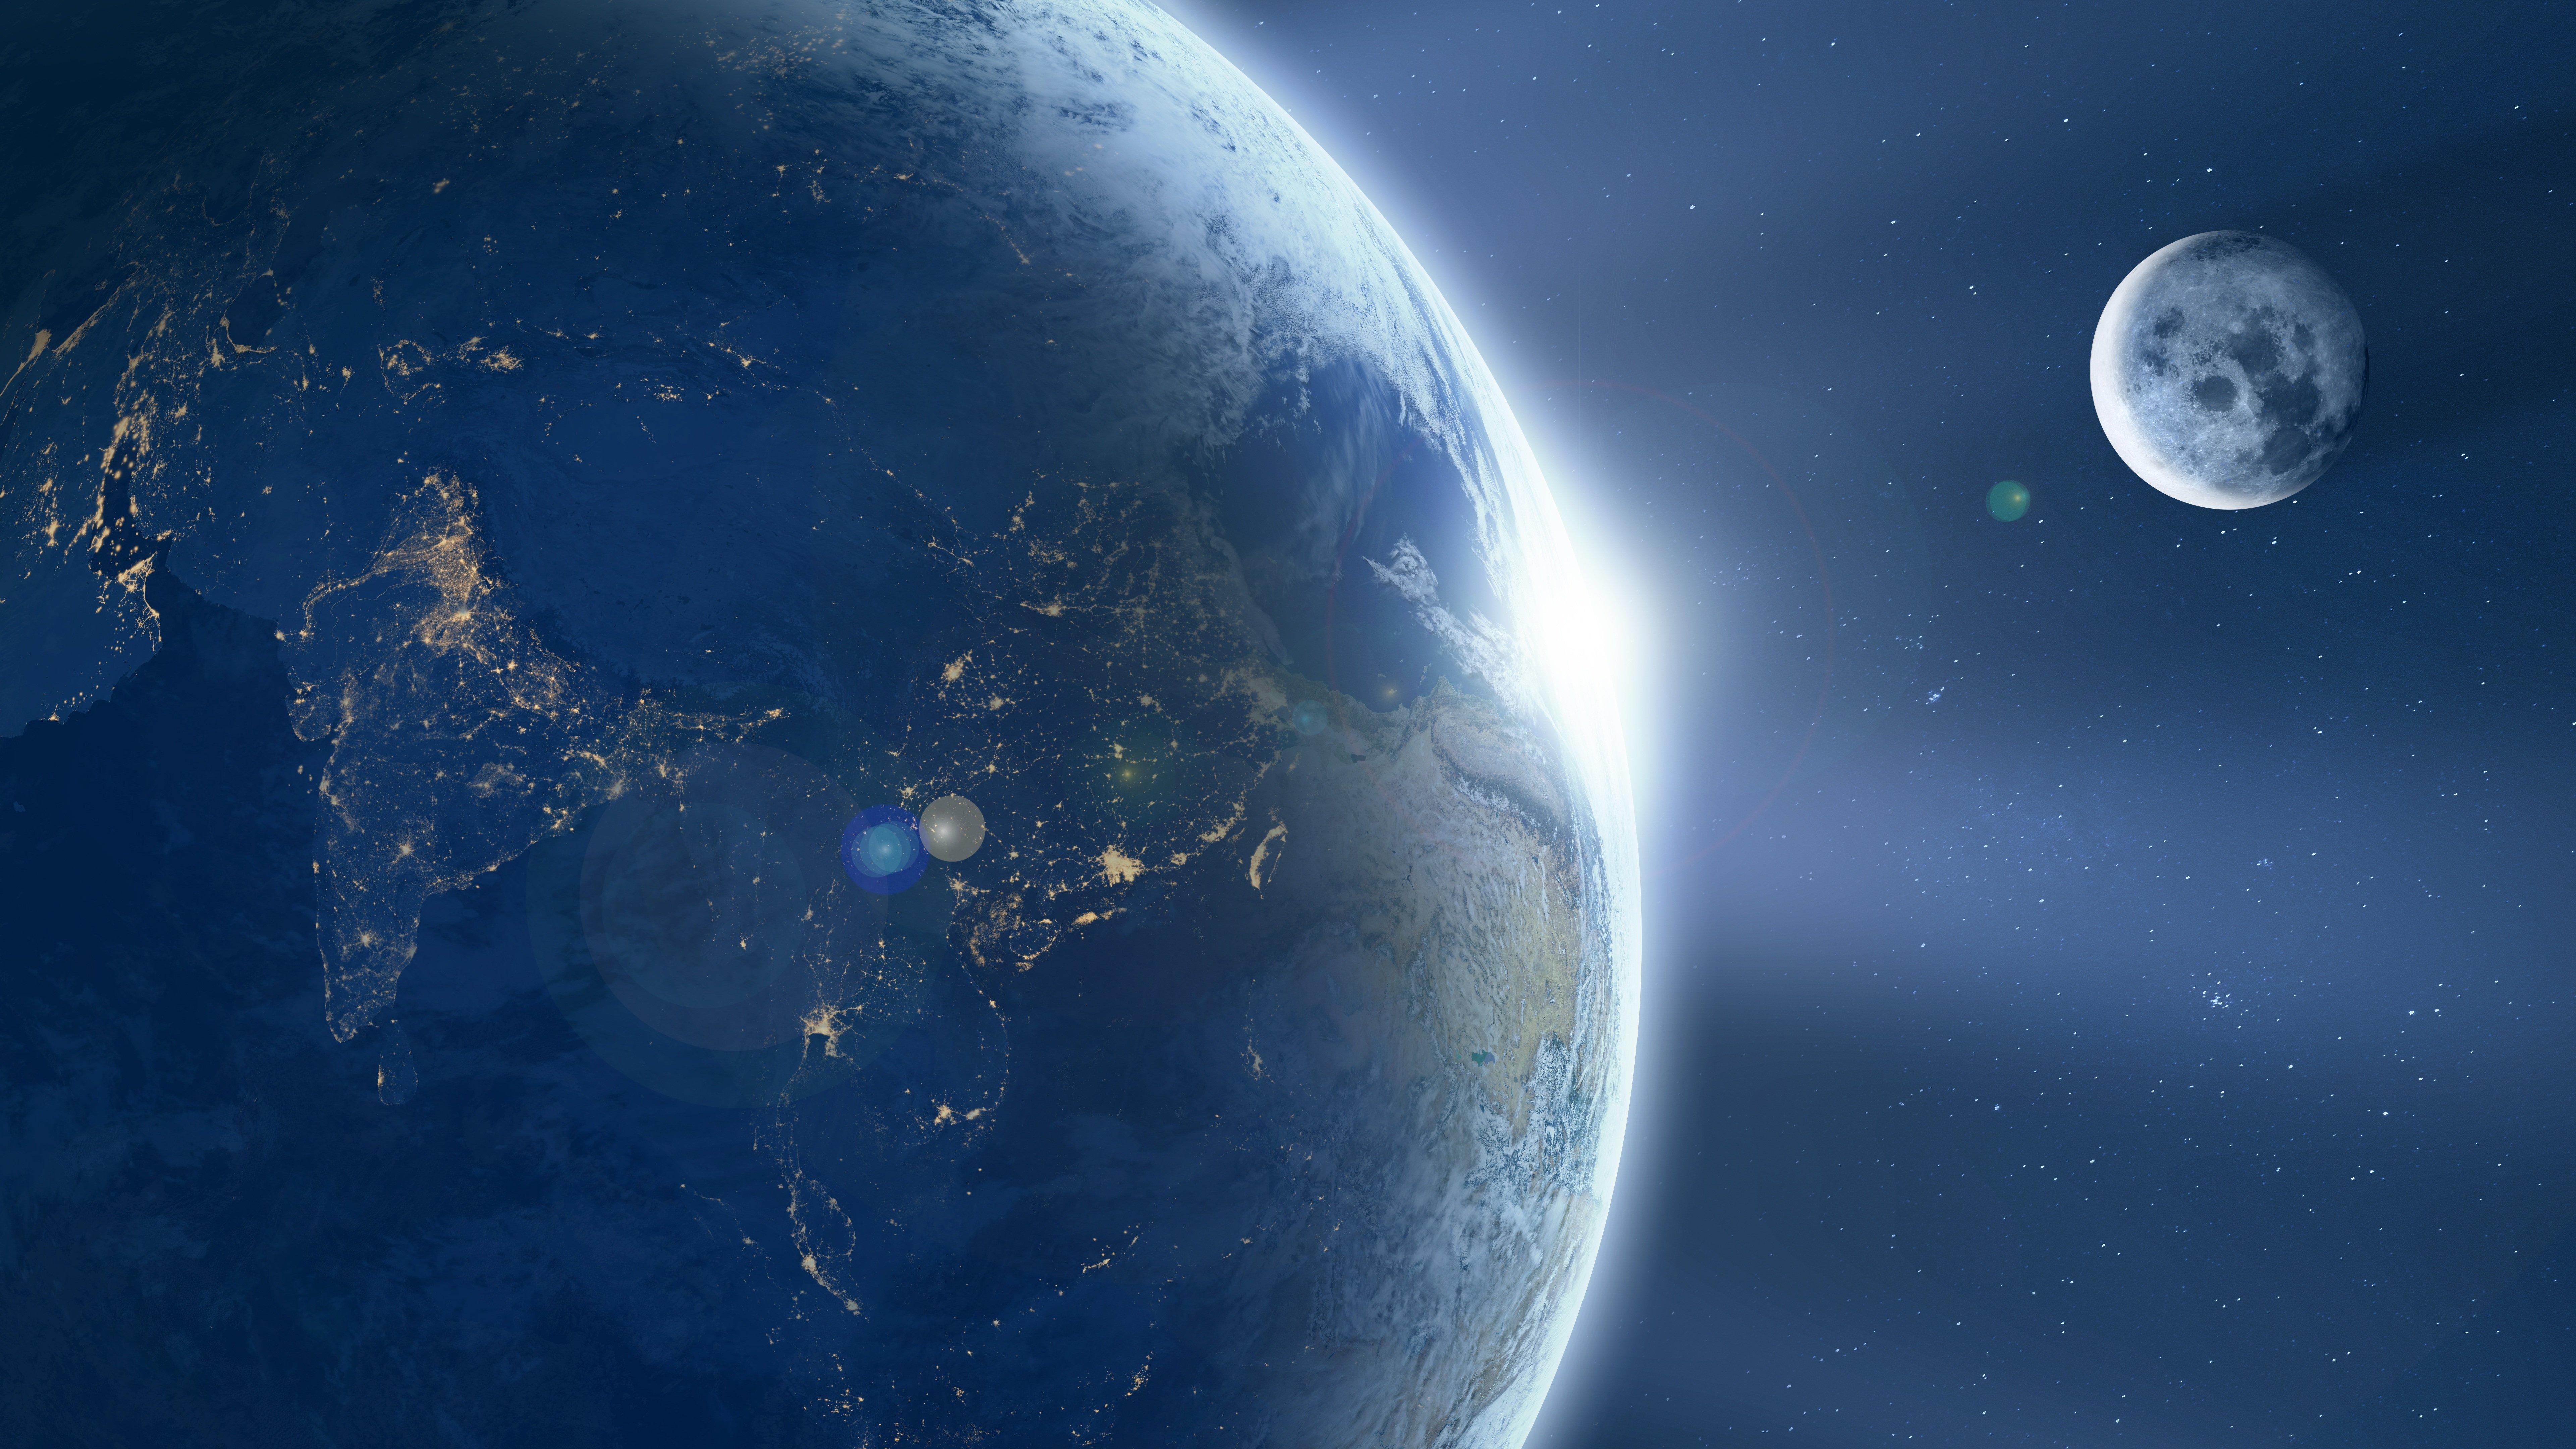 127006 скачать обои Земля, Планета, Вспышка, Свет, Космос - заставки и картинки бесплатно